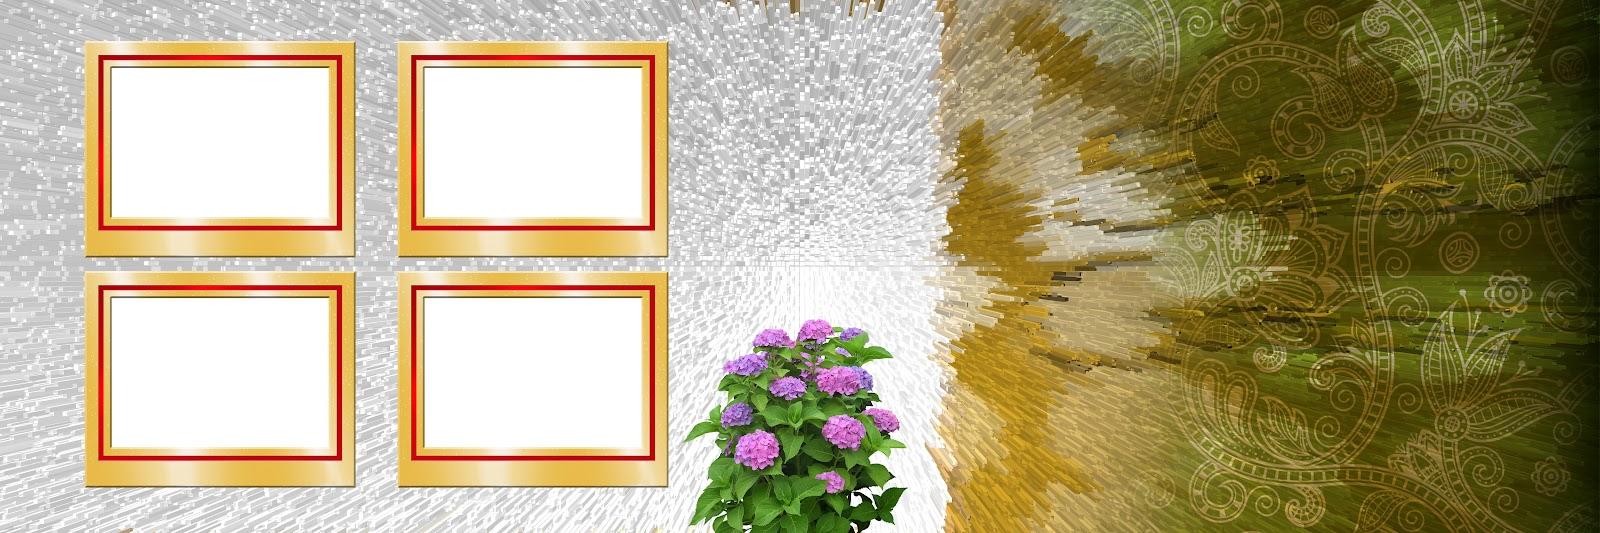 karizma album designs jpg free Download - D i g g I m a g e